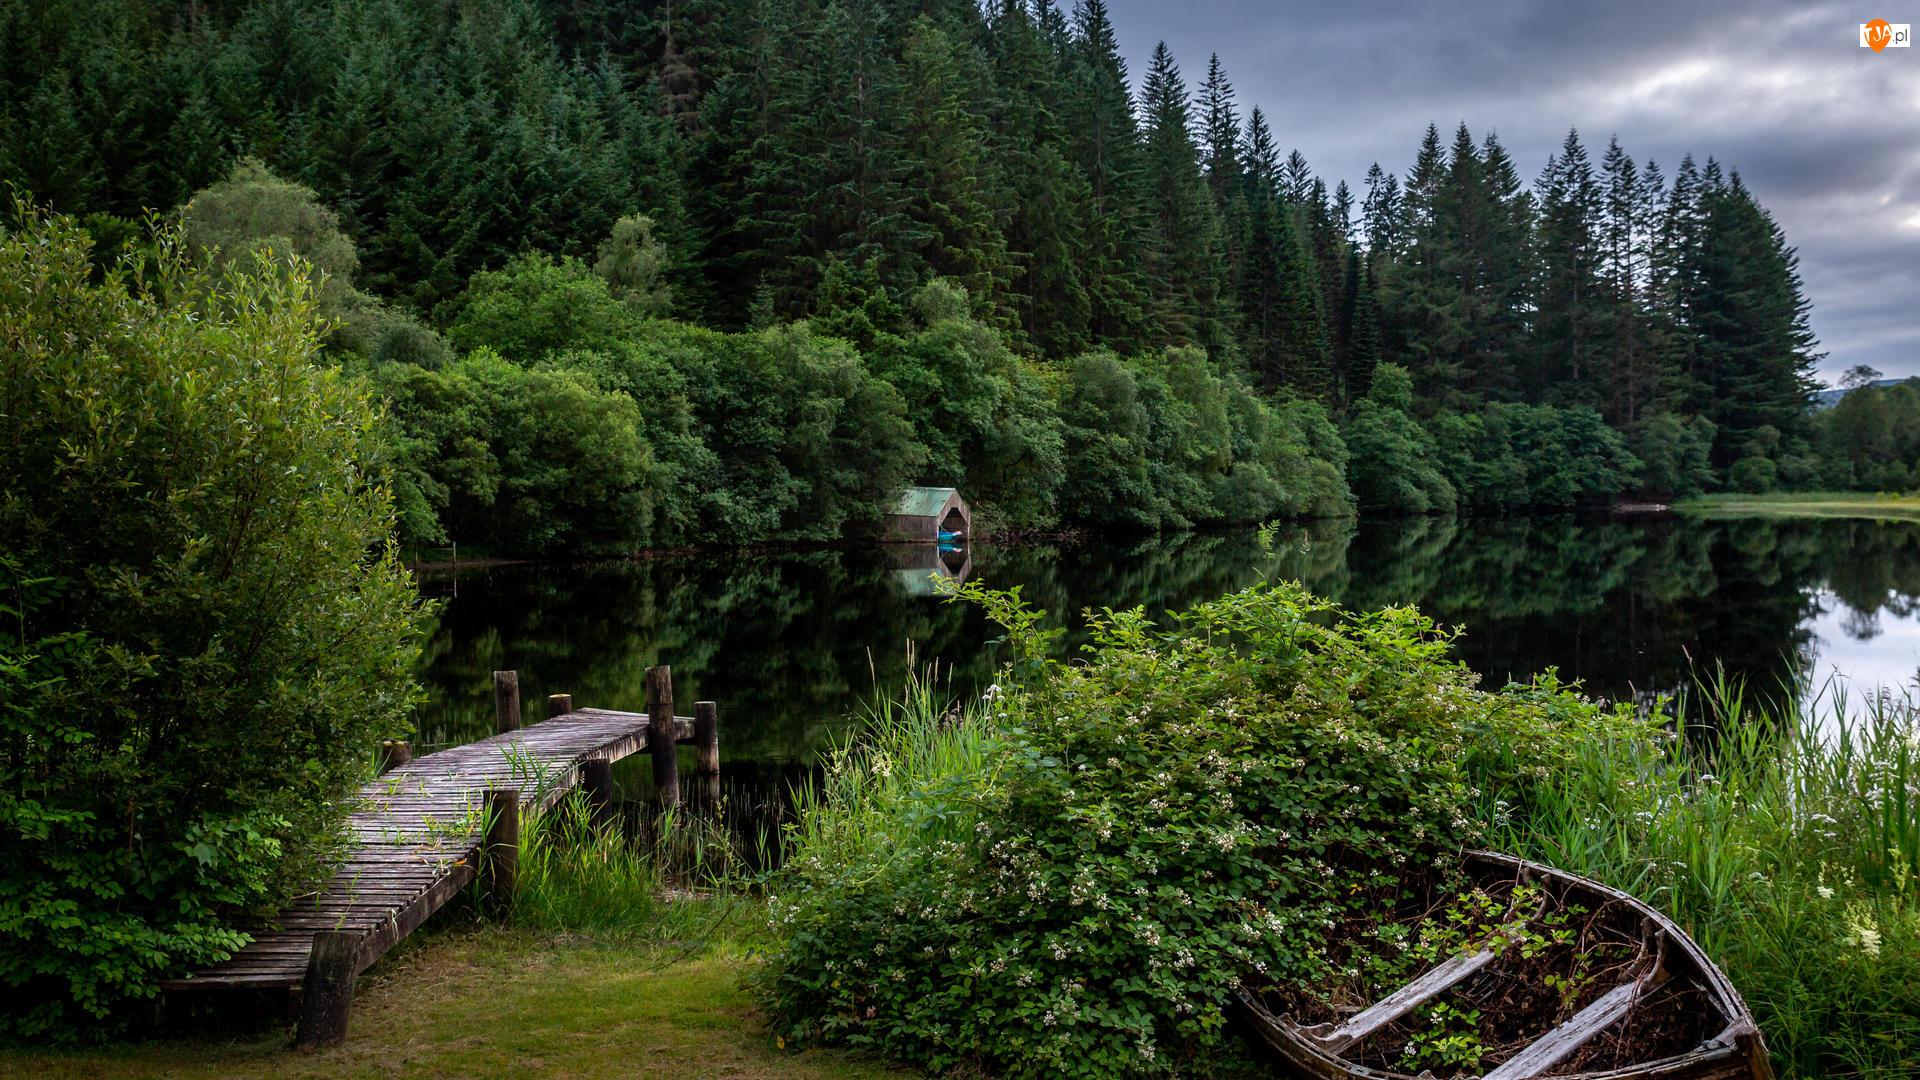 Las, Pomost, Kwiaty, Jezioro, Krzewy, Drzewa, Łódka